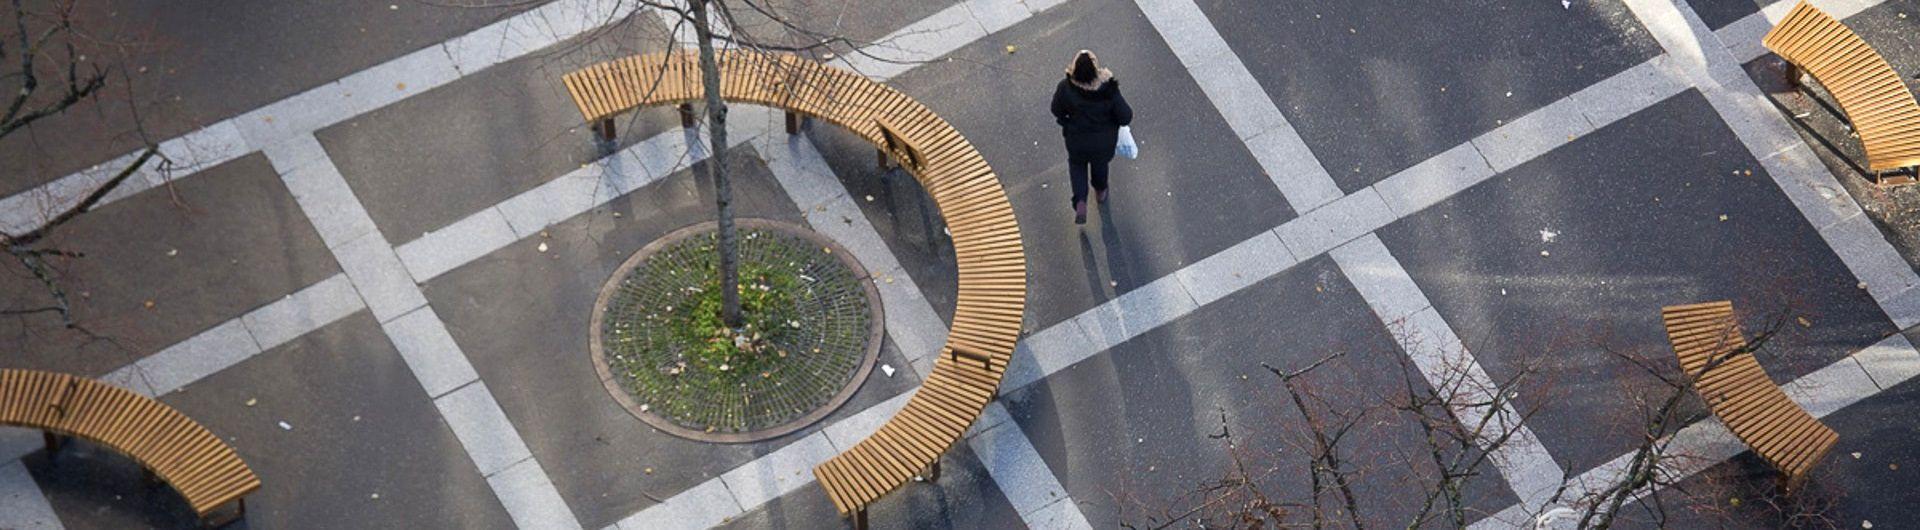 PARIS place des Fêtes, Banc banquette bois COBRA de METALCO Design élégant, Banc public Modulaire